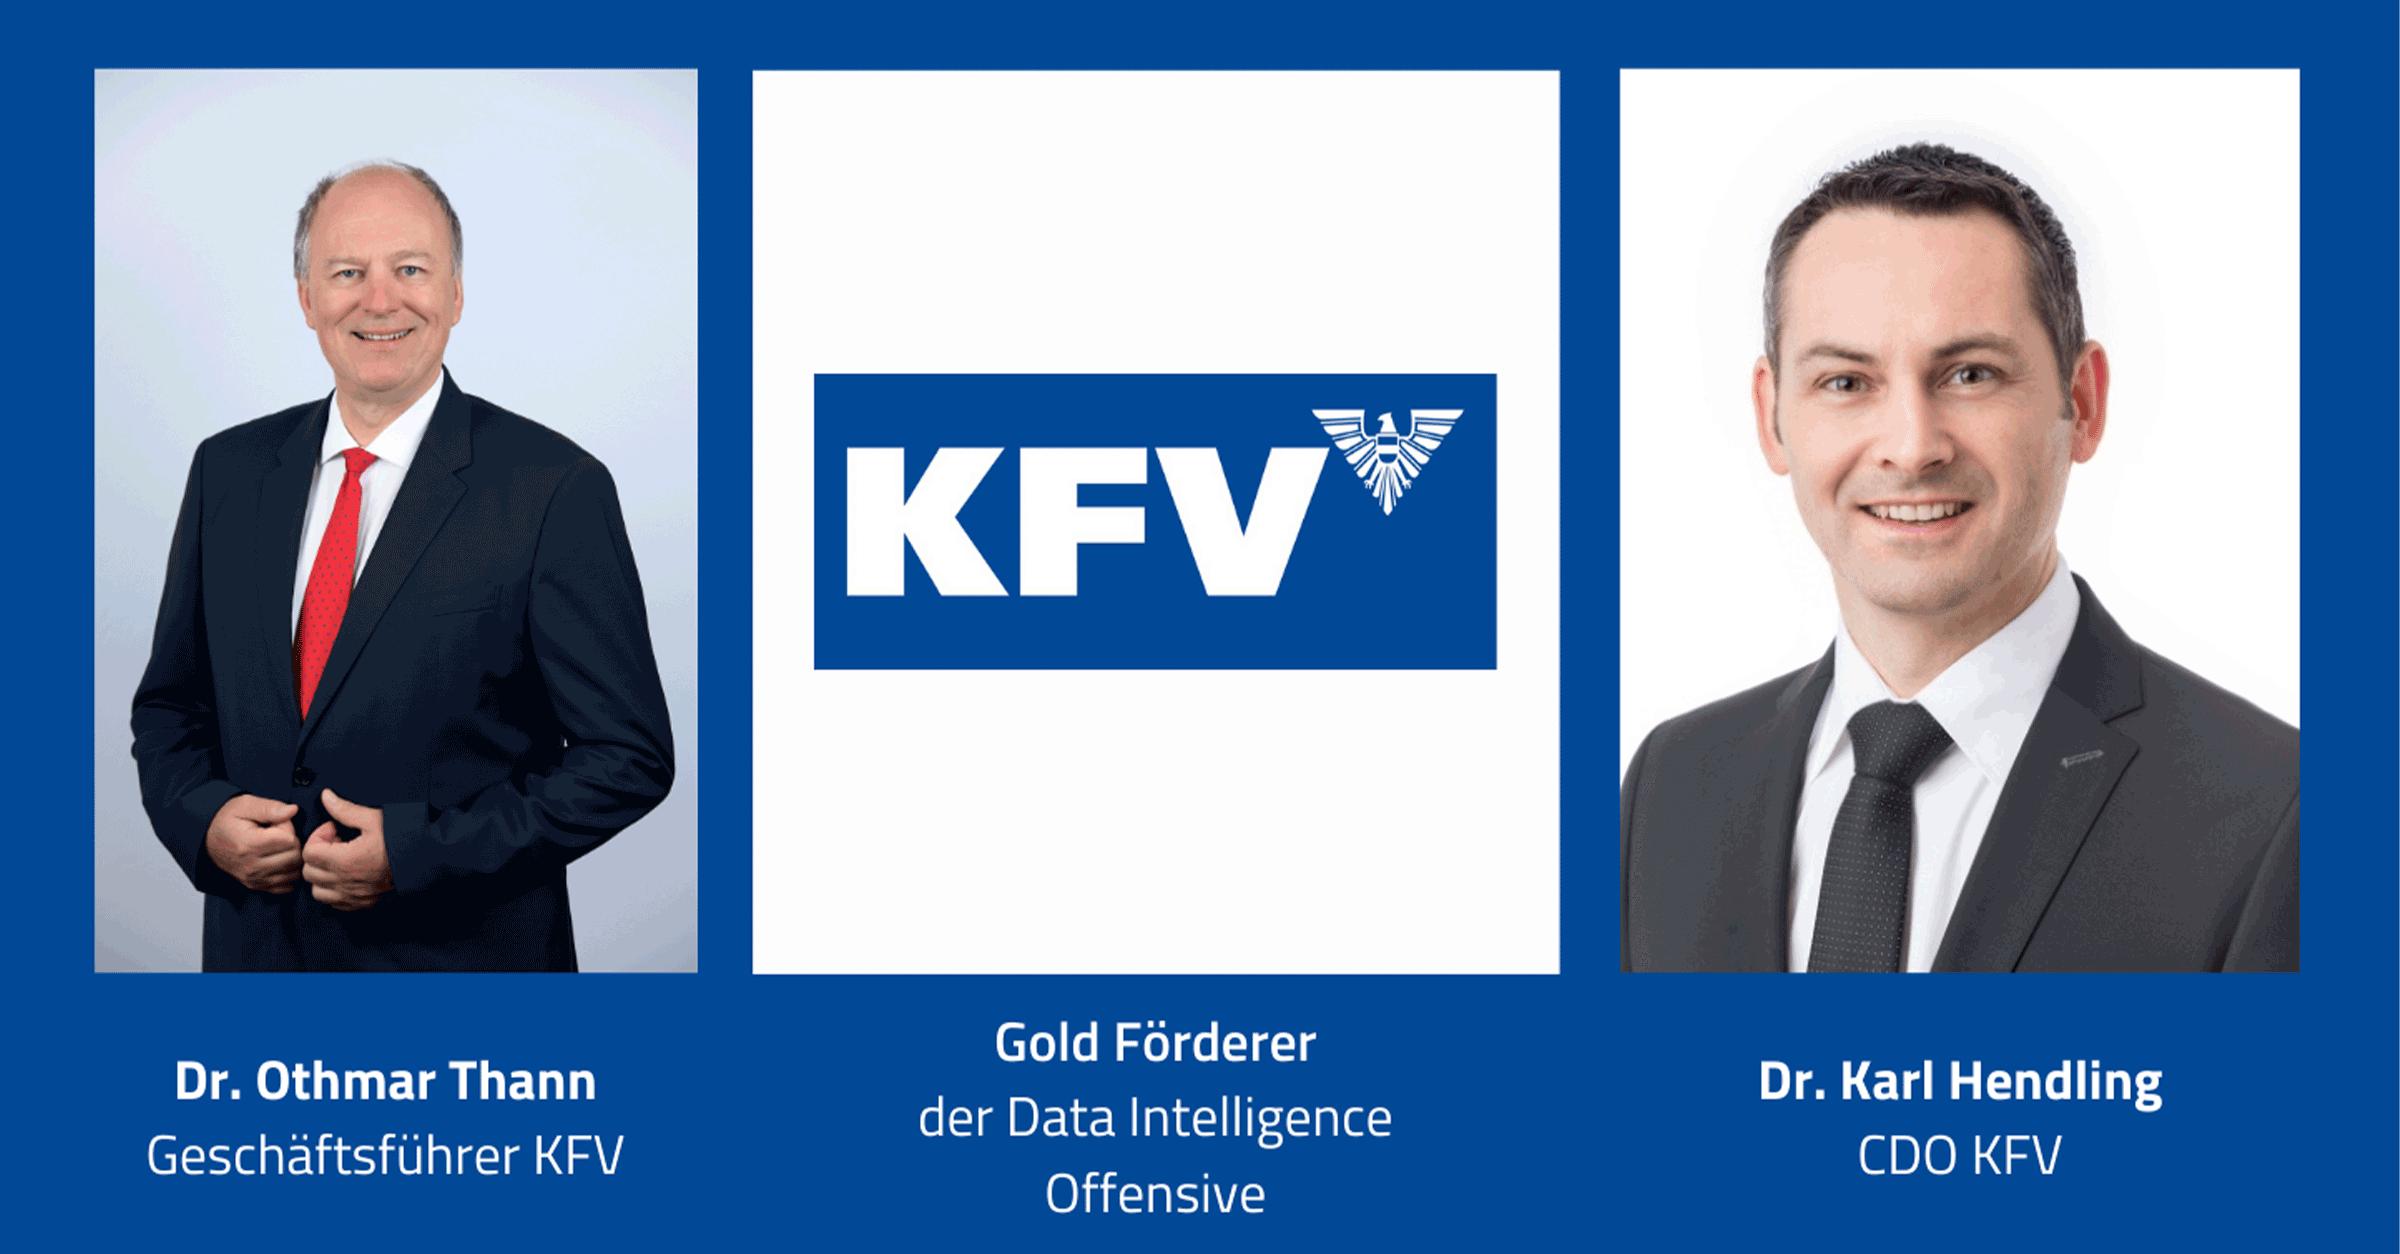 KFV ist Foerderer Gold